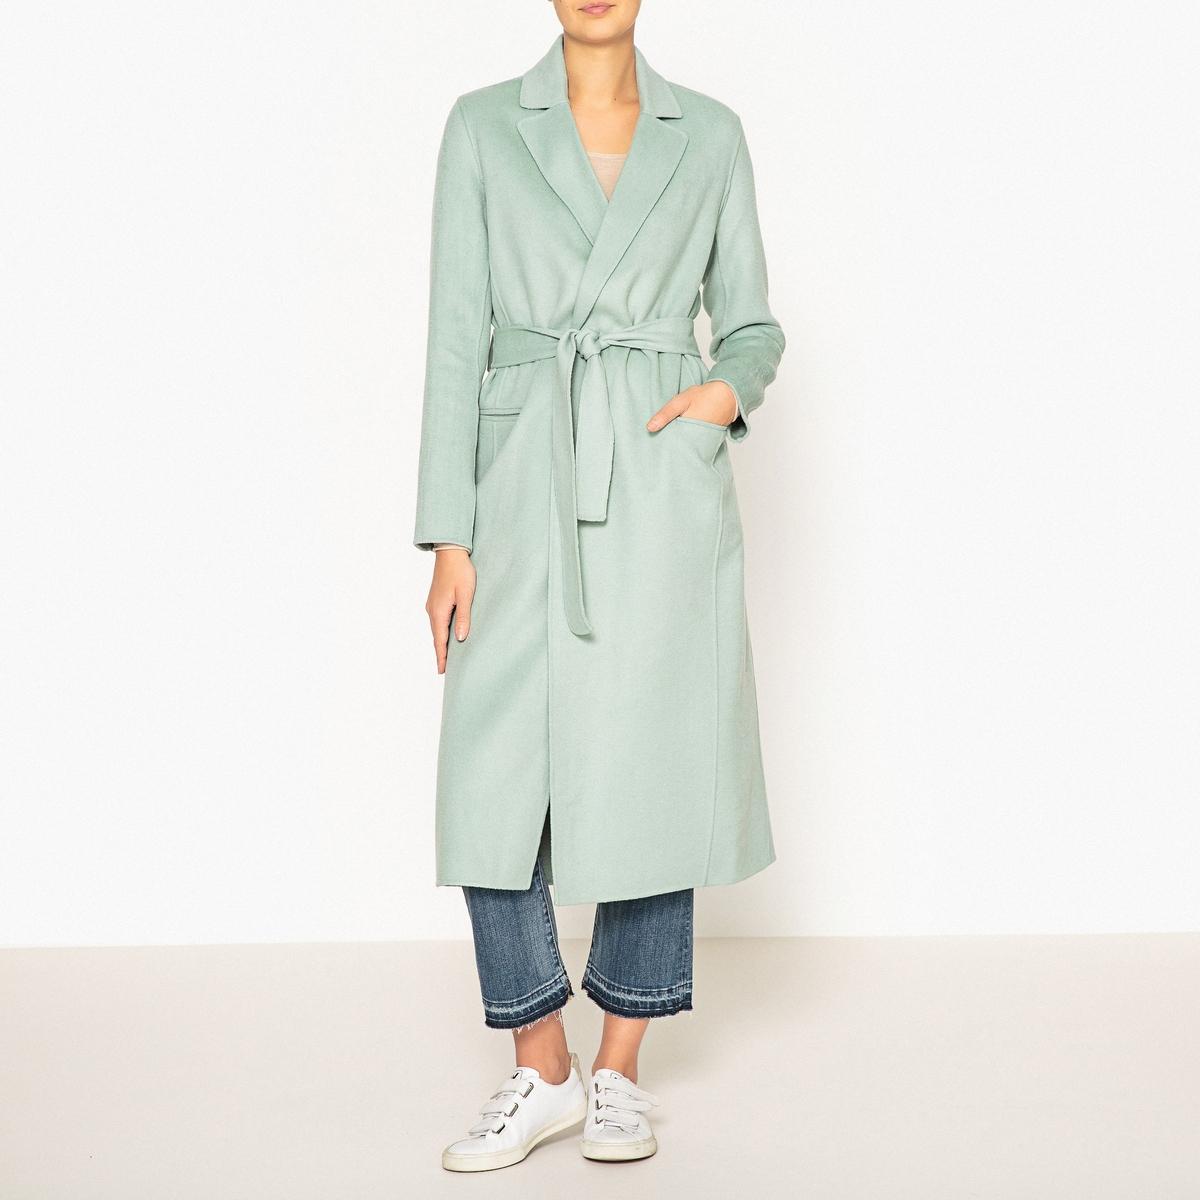 Пальто длинное в стиле халата DUFFY пальто двухцветное с поясом 70% шерсти